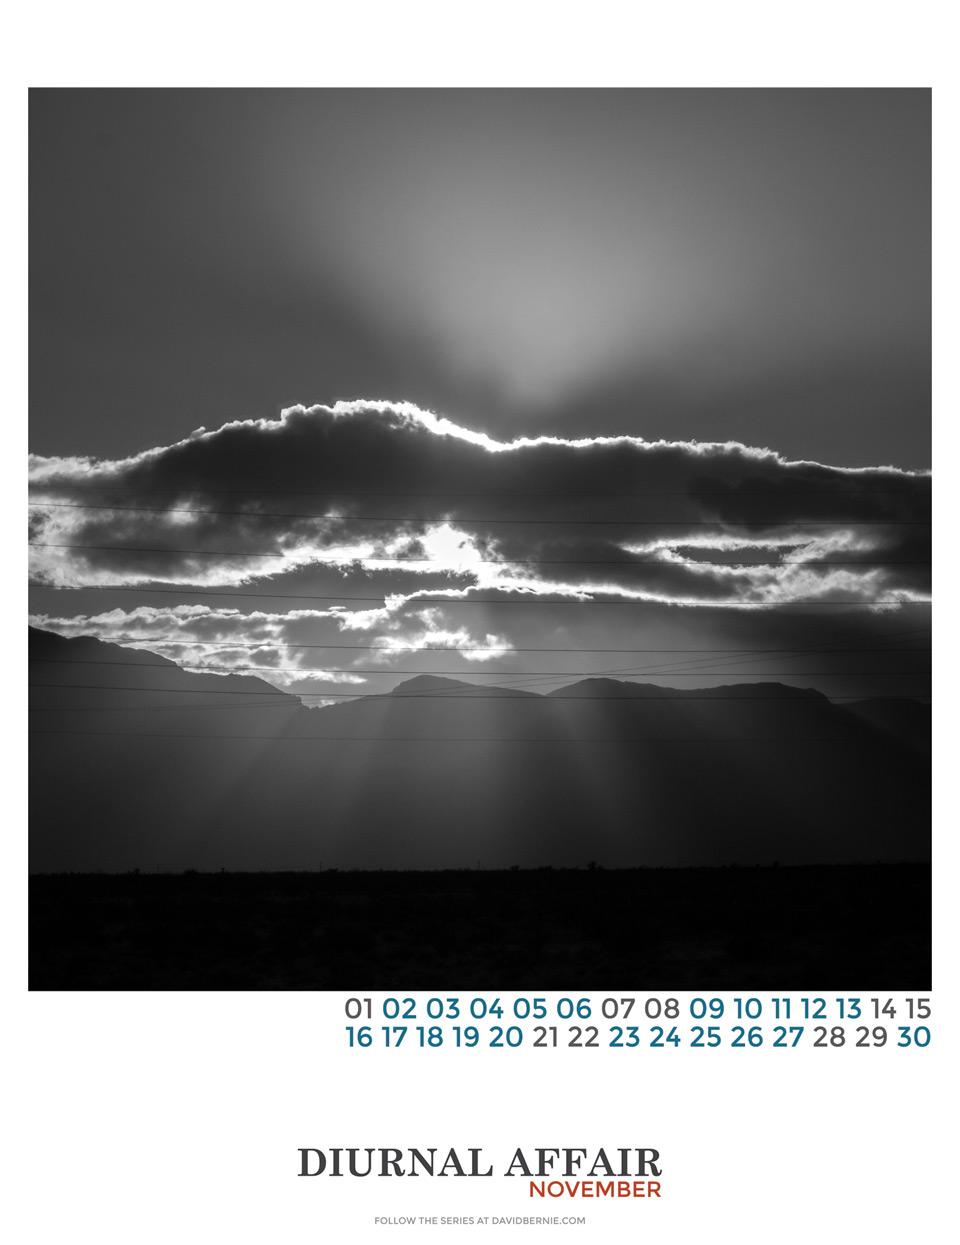 November-Calendar-David-Bernie-2015